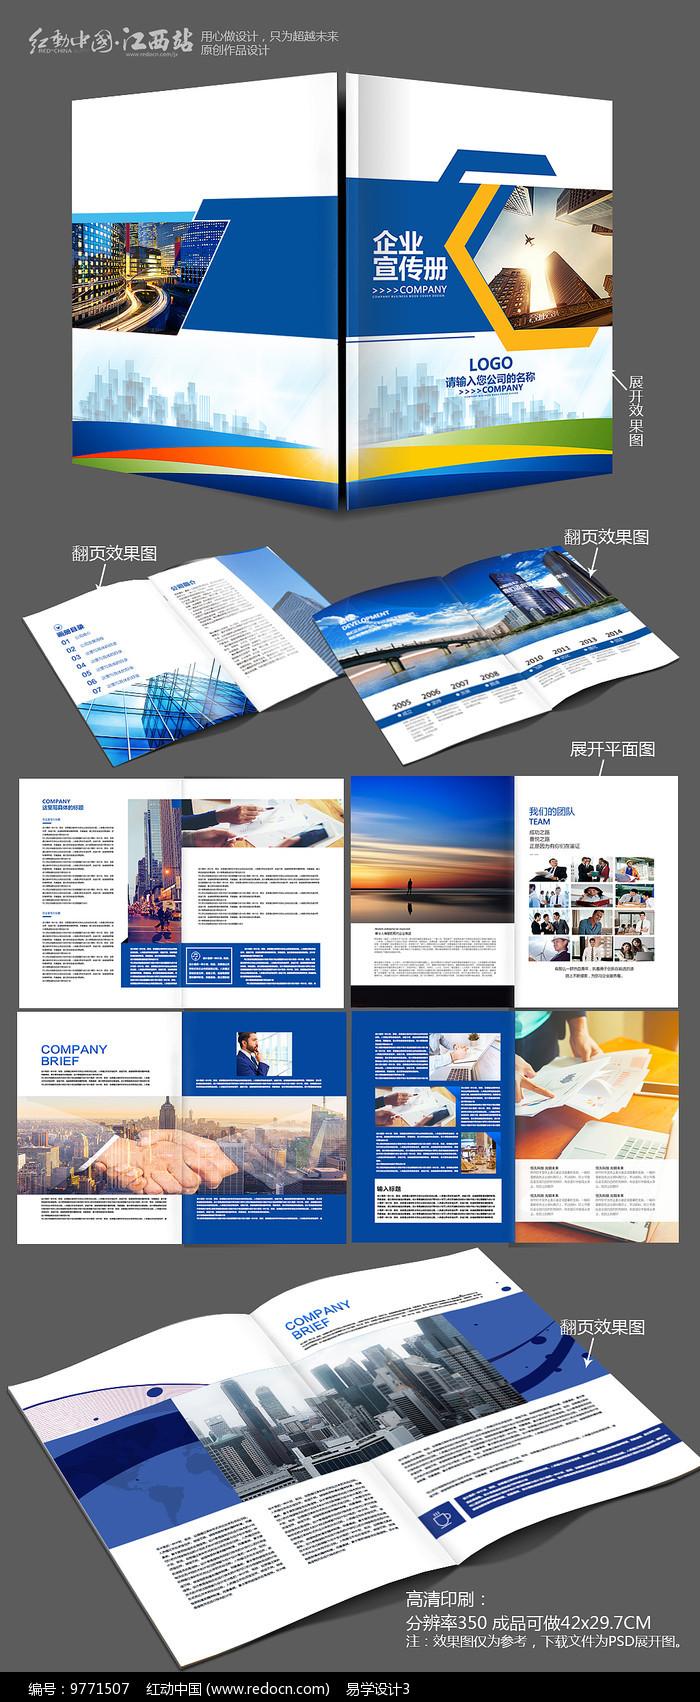 简约企业宣传册设计图片